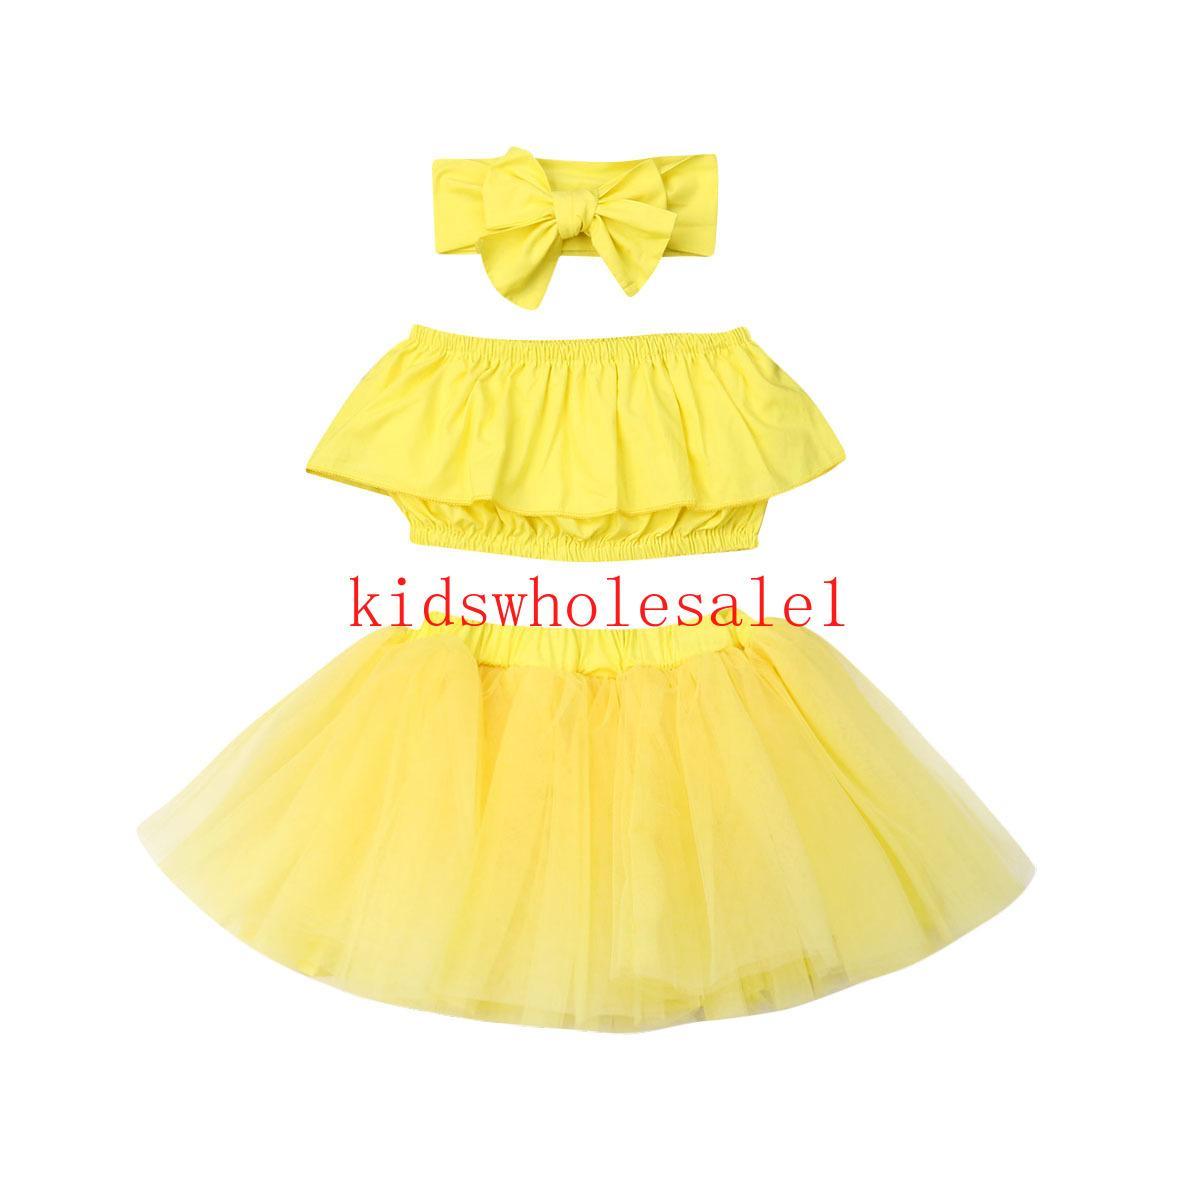 3PCS Bebek Çocuk Kız Bebek Giyim Giyim Sarı Kolsuz Yelek + Tutu Etek + Kafa Set Tops ayarlar